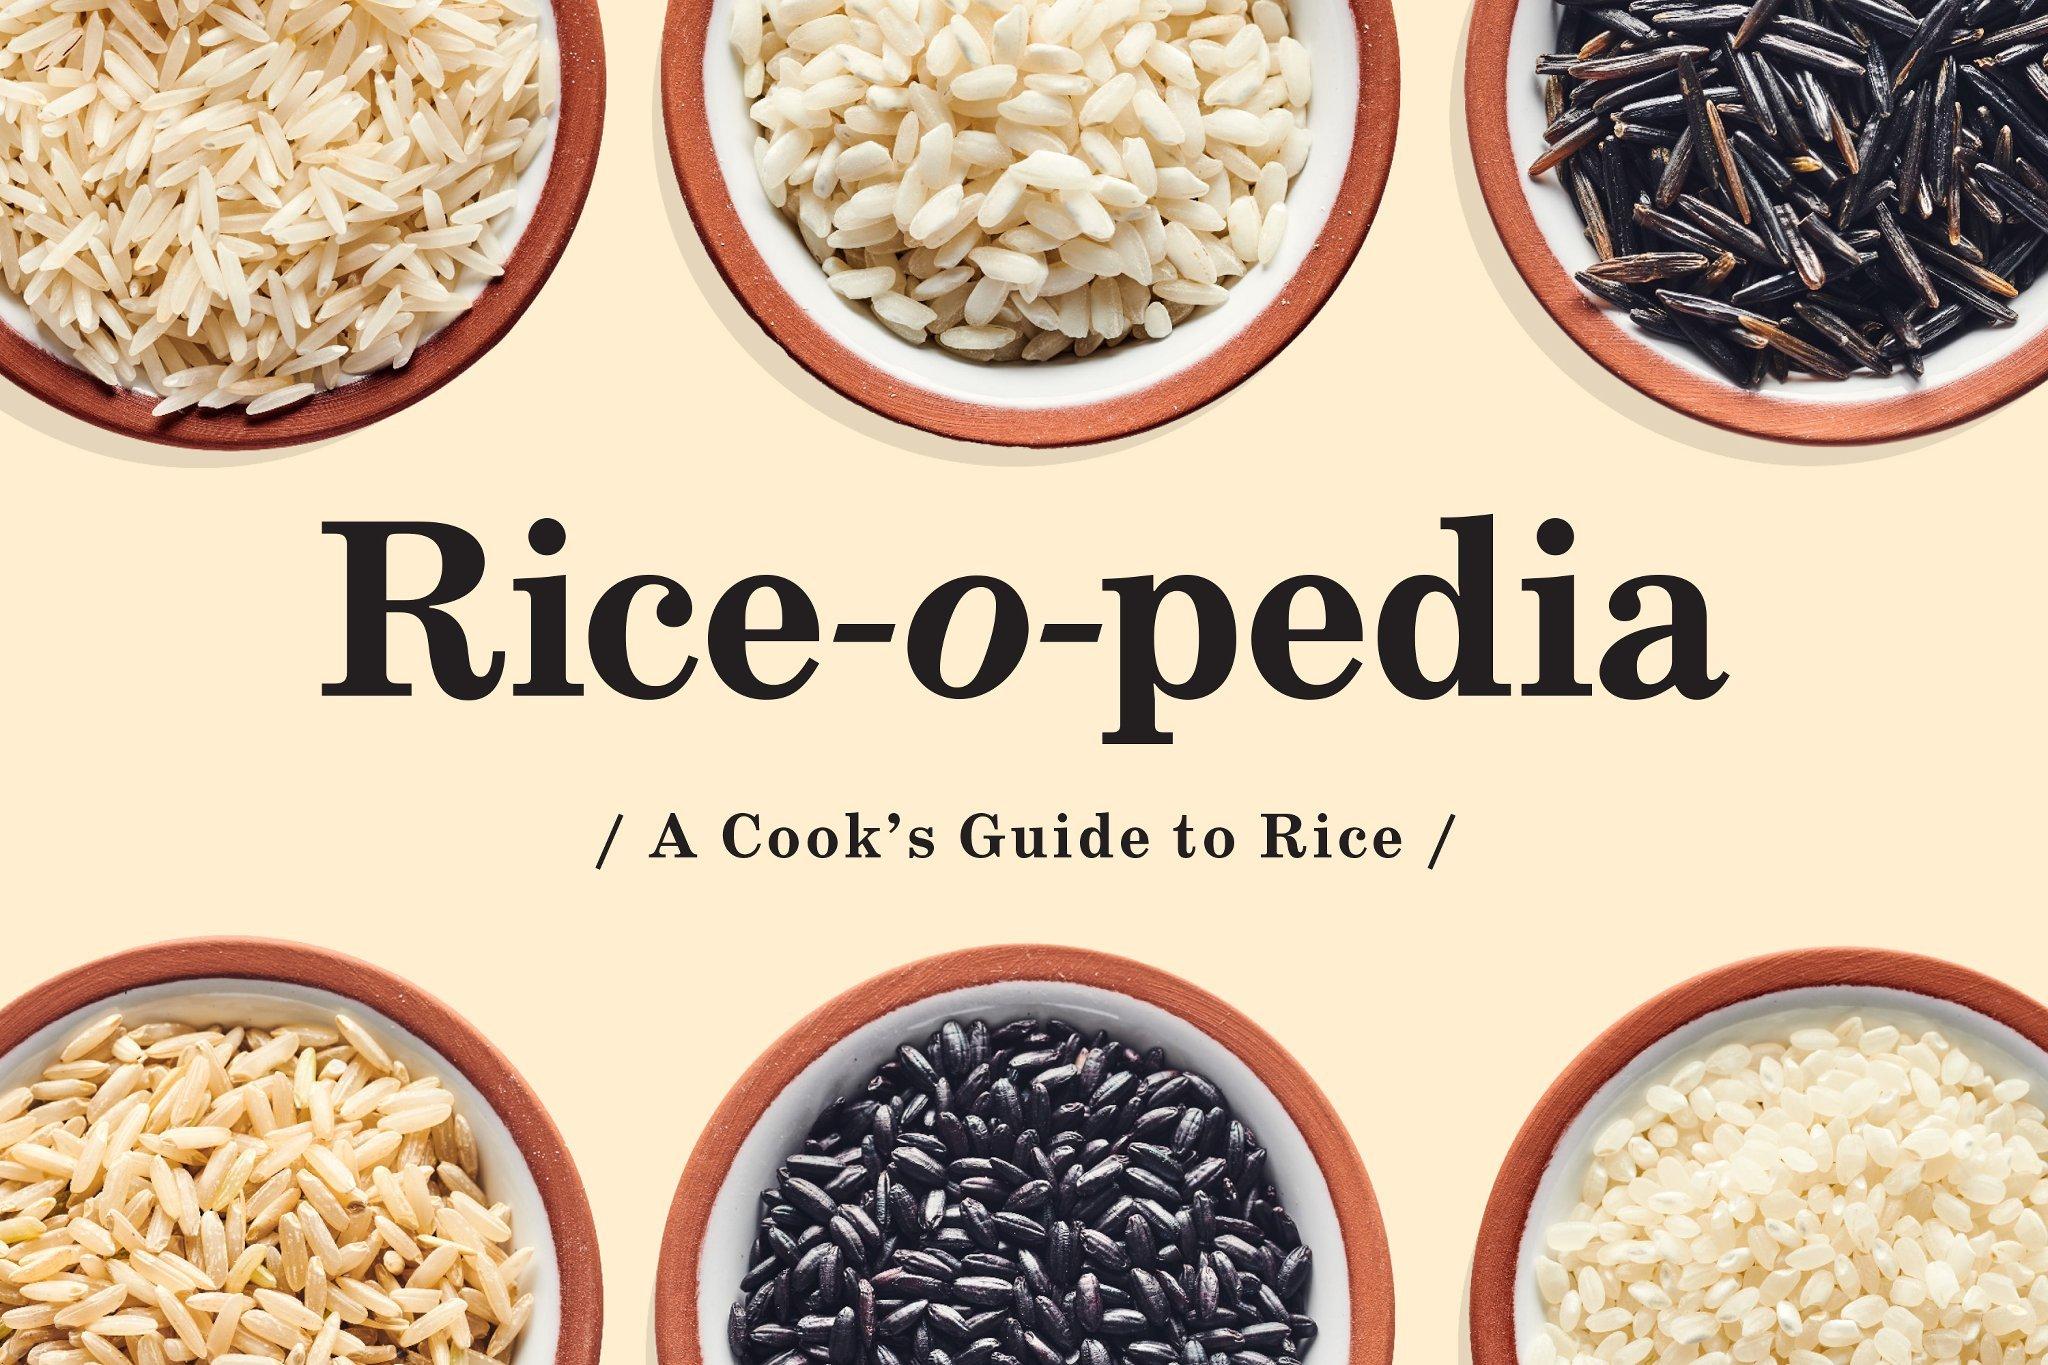 Rice-o-pedia!